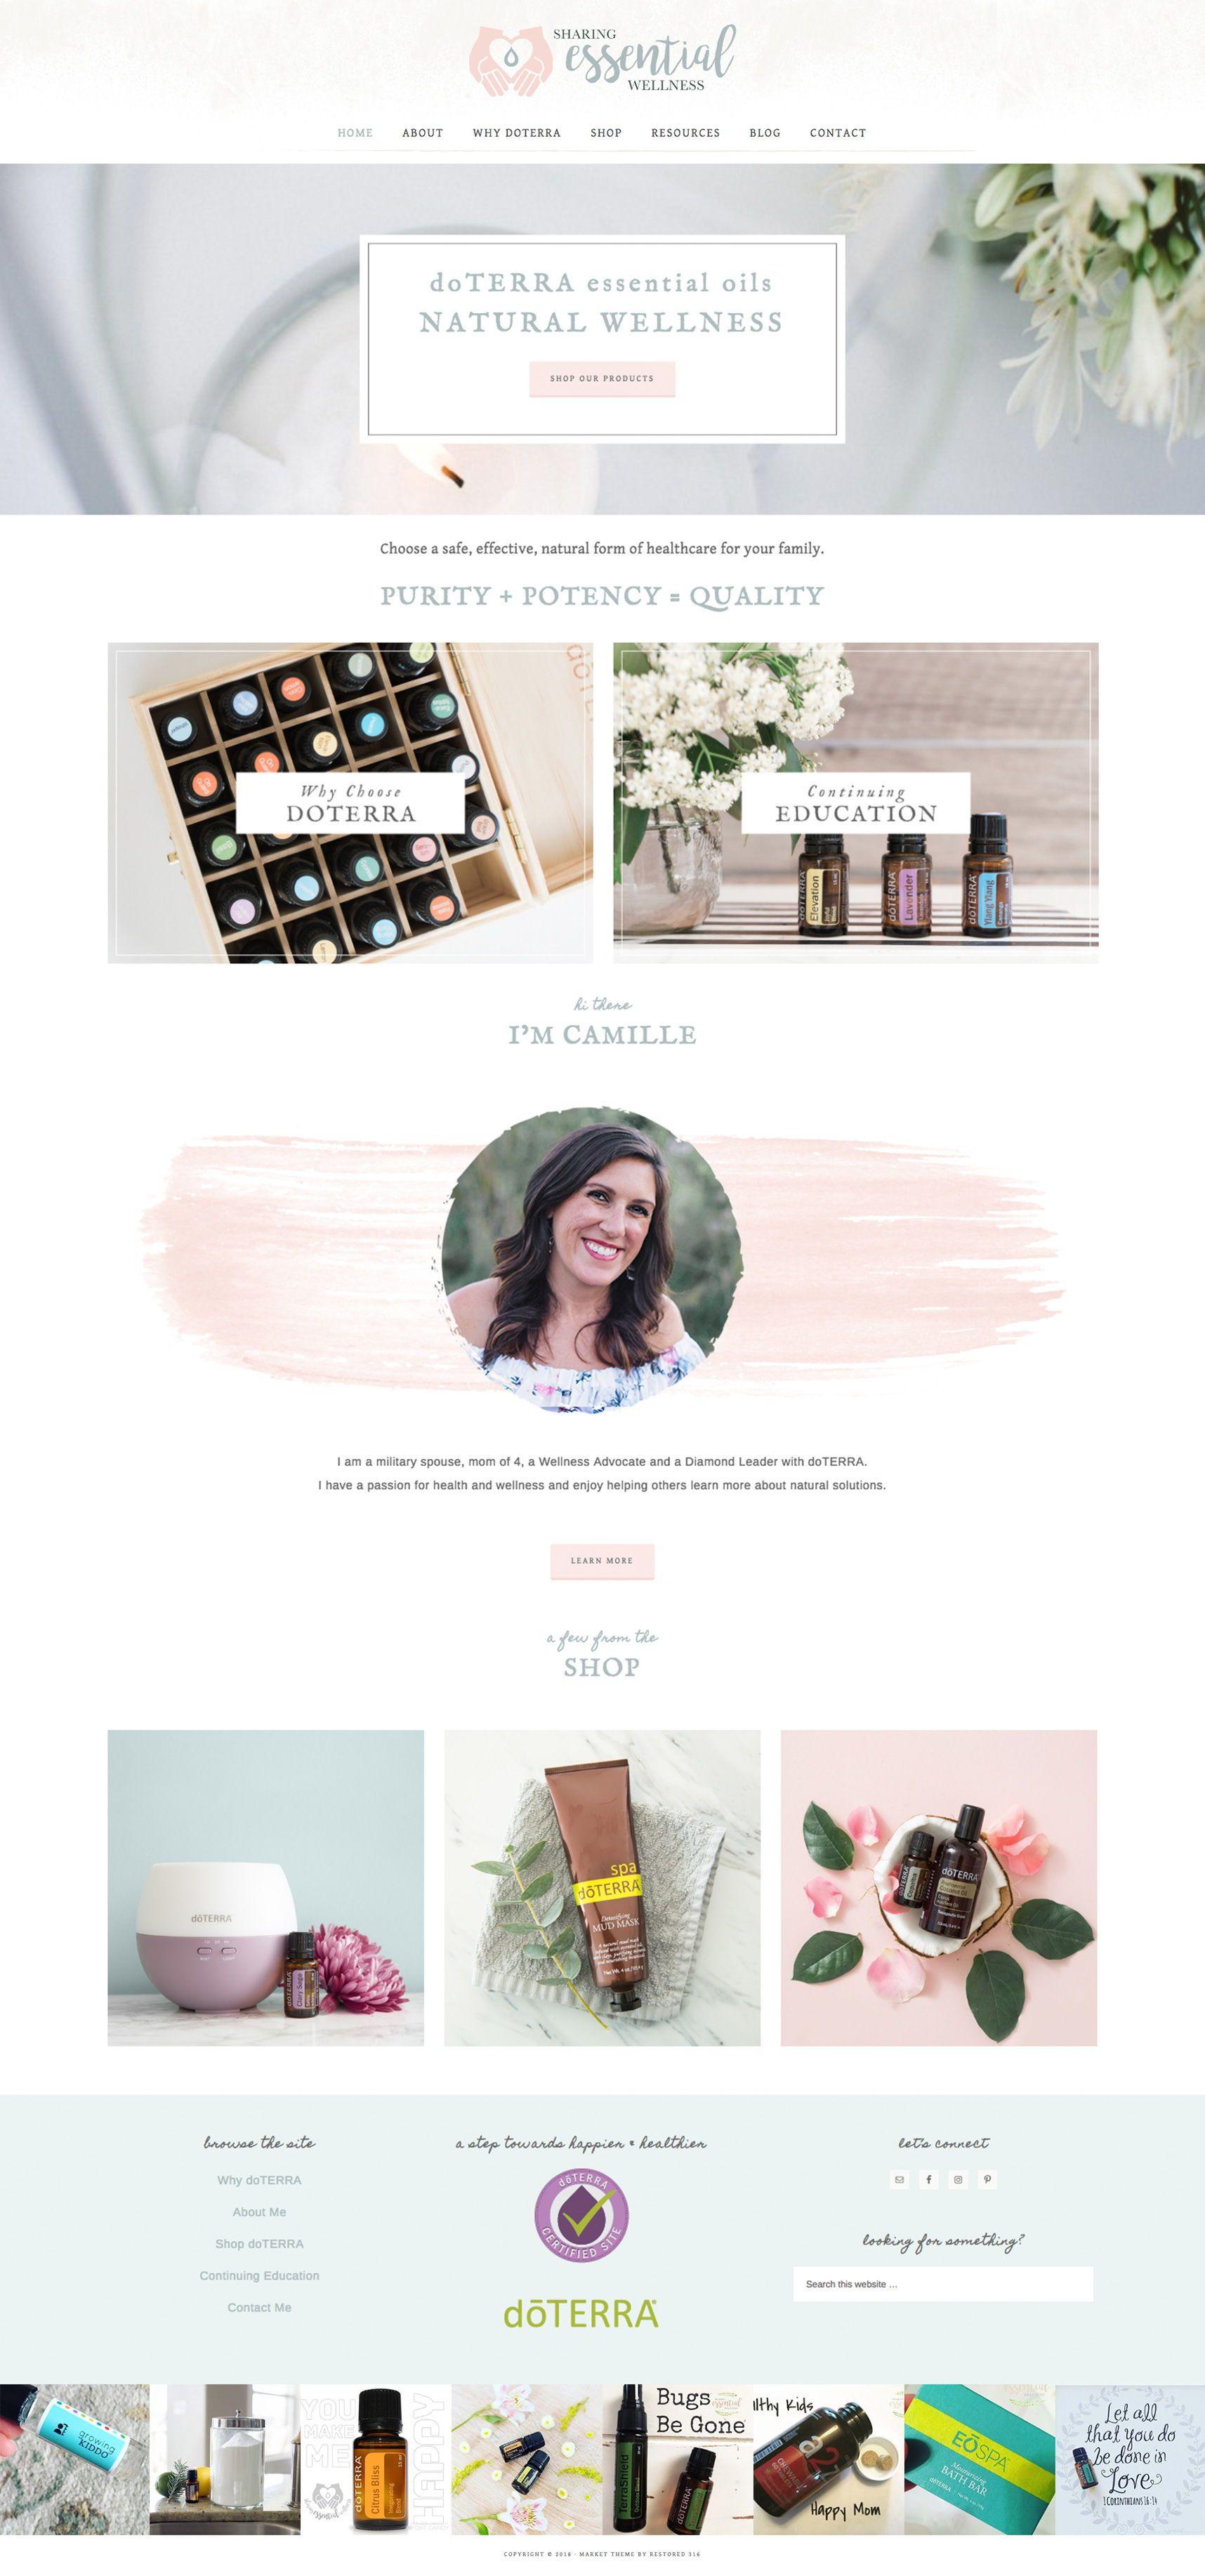 Doterra Leader Branding And Web Design Feminine Wordpress Websites For Women Entrepreneurs By Girlboss Designer Fea Web Design Branding Online Shop Design